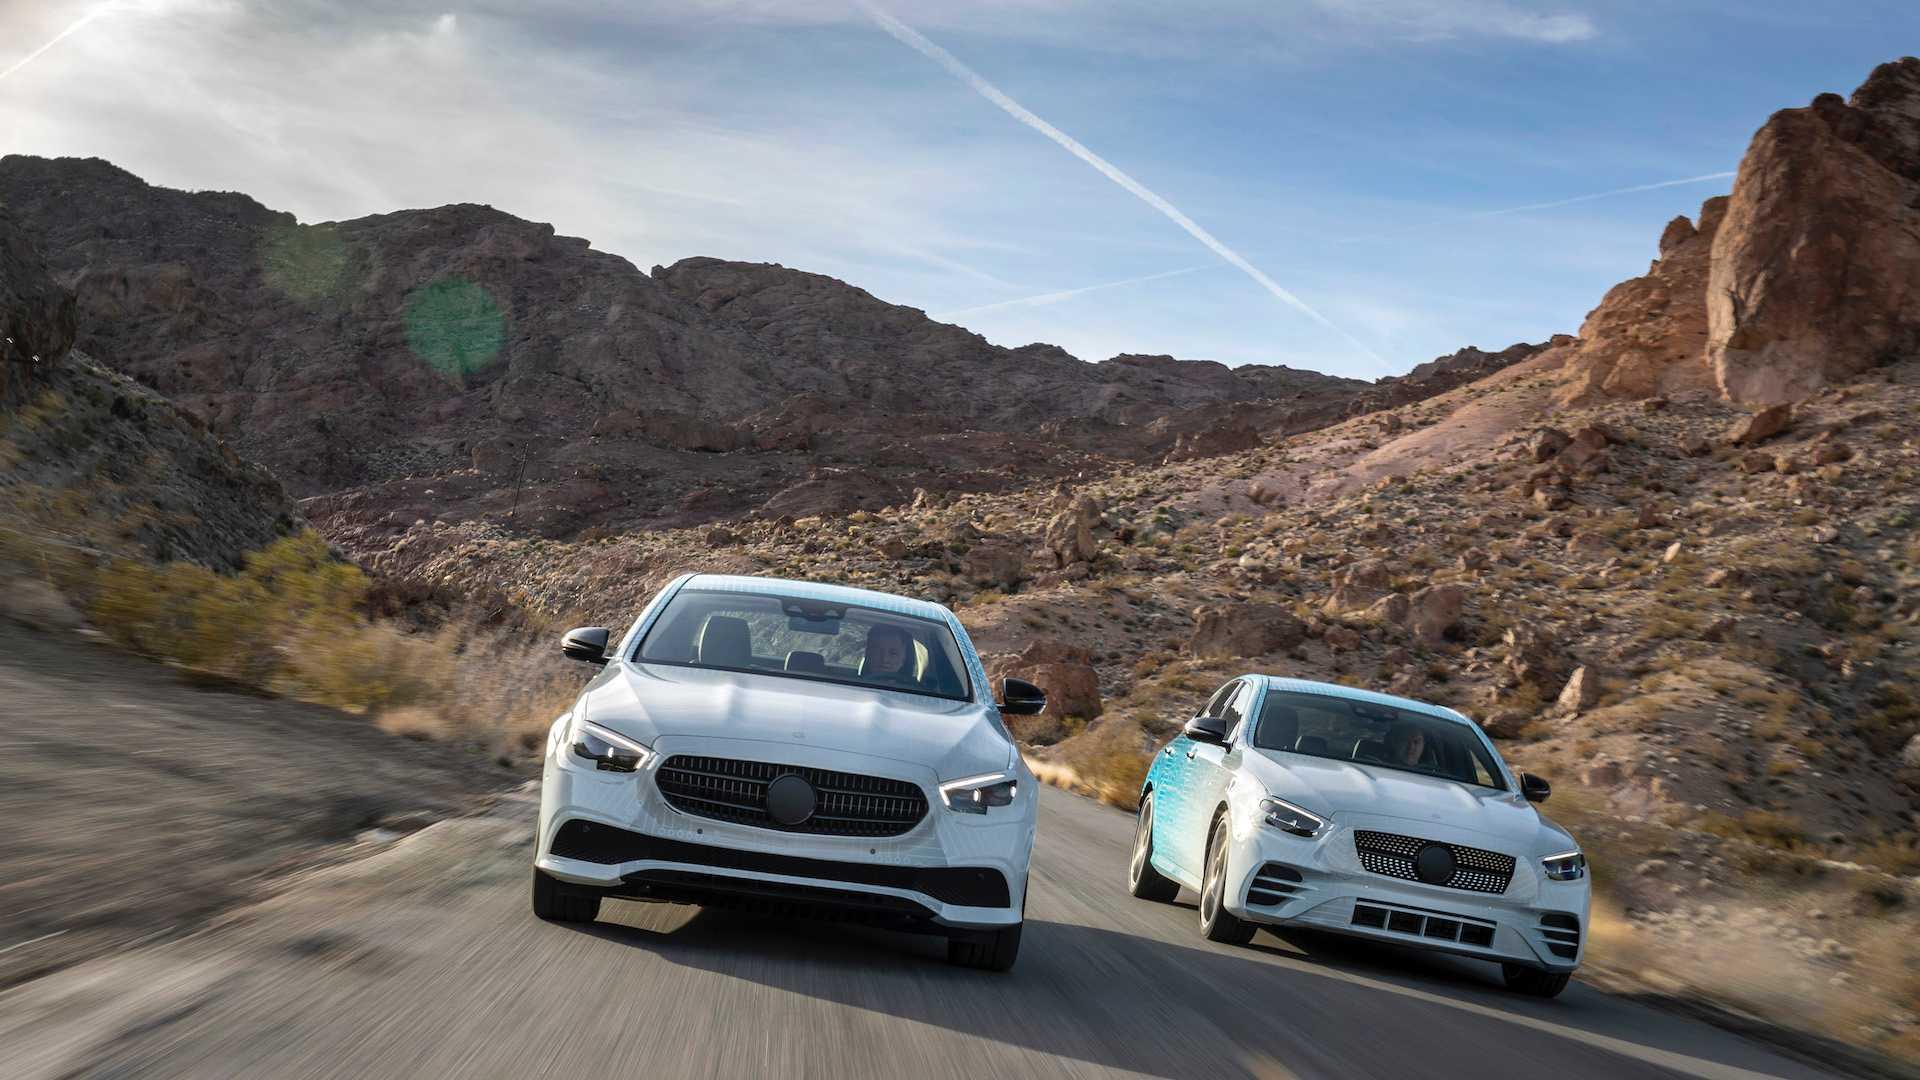 Hé lộ hình ảnh Mercedes-Benz E-Class facelift, thiết kế và động cơ mới - 04